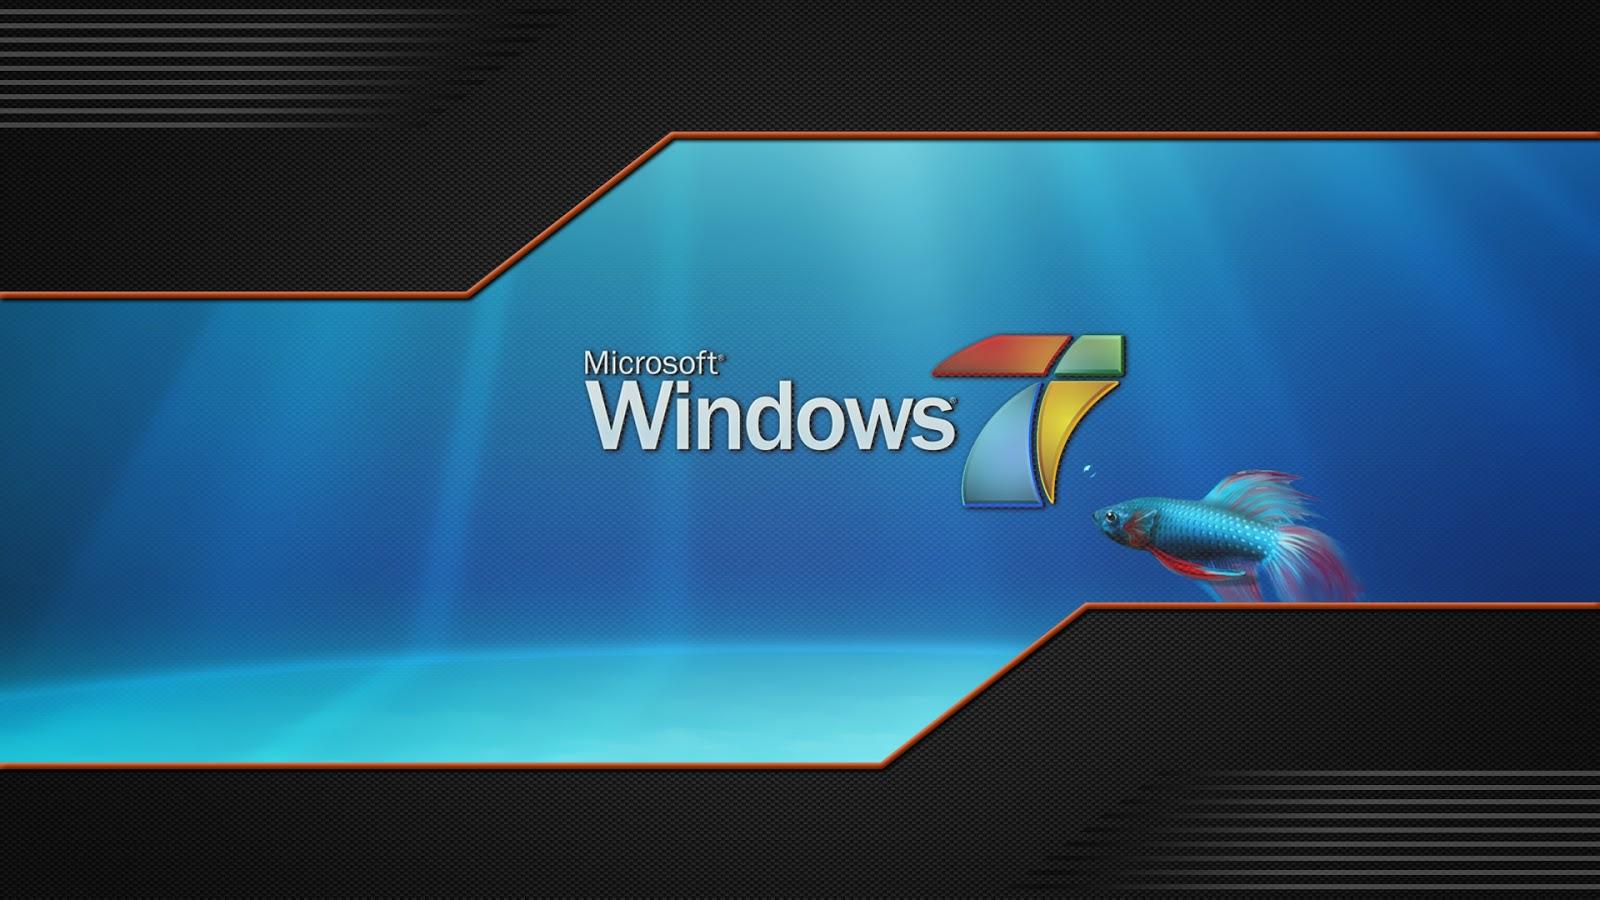 Descargar Imagenes Gratis: Imagenes Hilandy: Fondo De Pantalla Windows 7 Con Pez